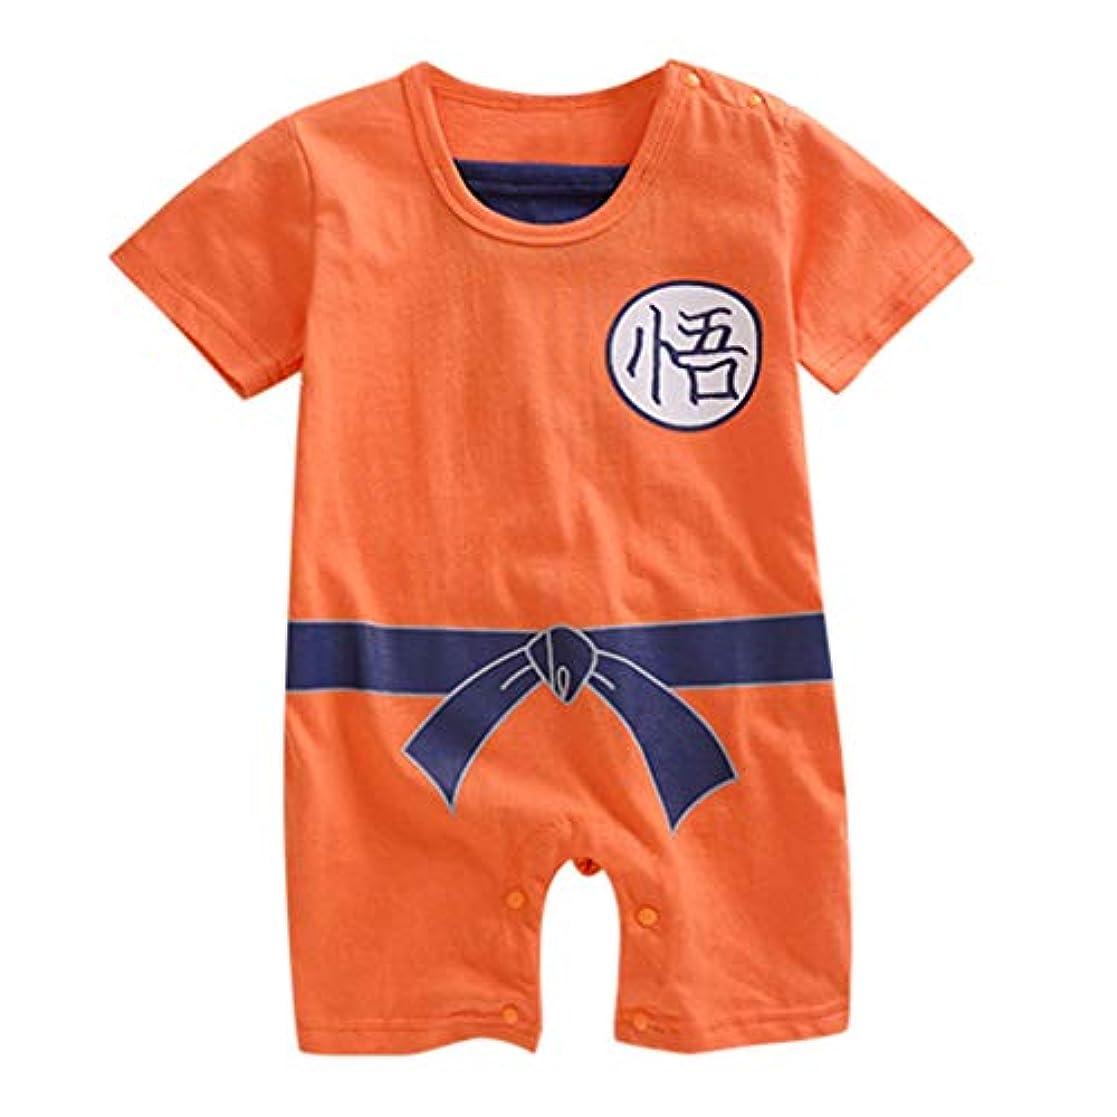 無効にするとまり木楽観ベビー服 ロンパース カバーオール 着ぐるみ 生まれたばかりの赤ちゃんの女の子の男の子子供漫画プリント半袖ロンパースコスチュームボディスーツ